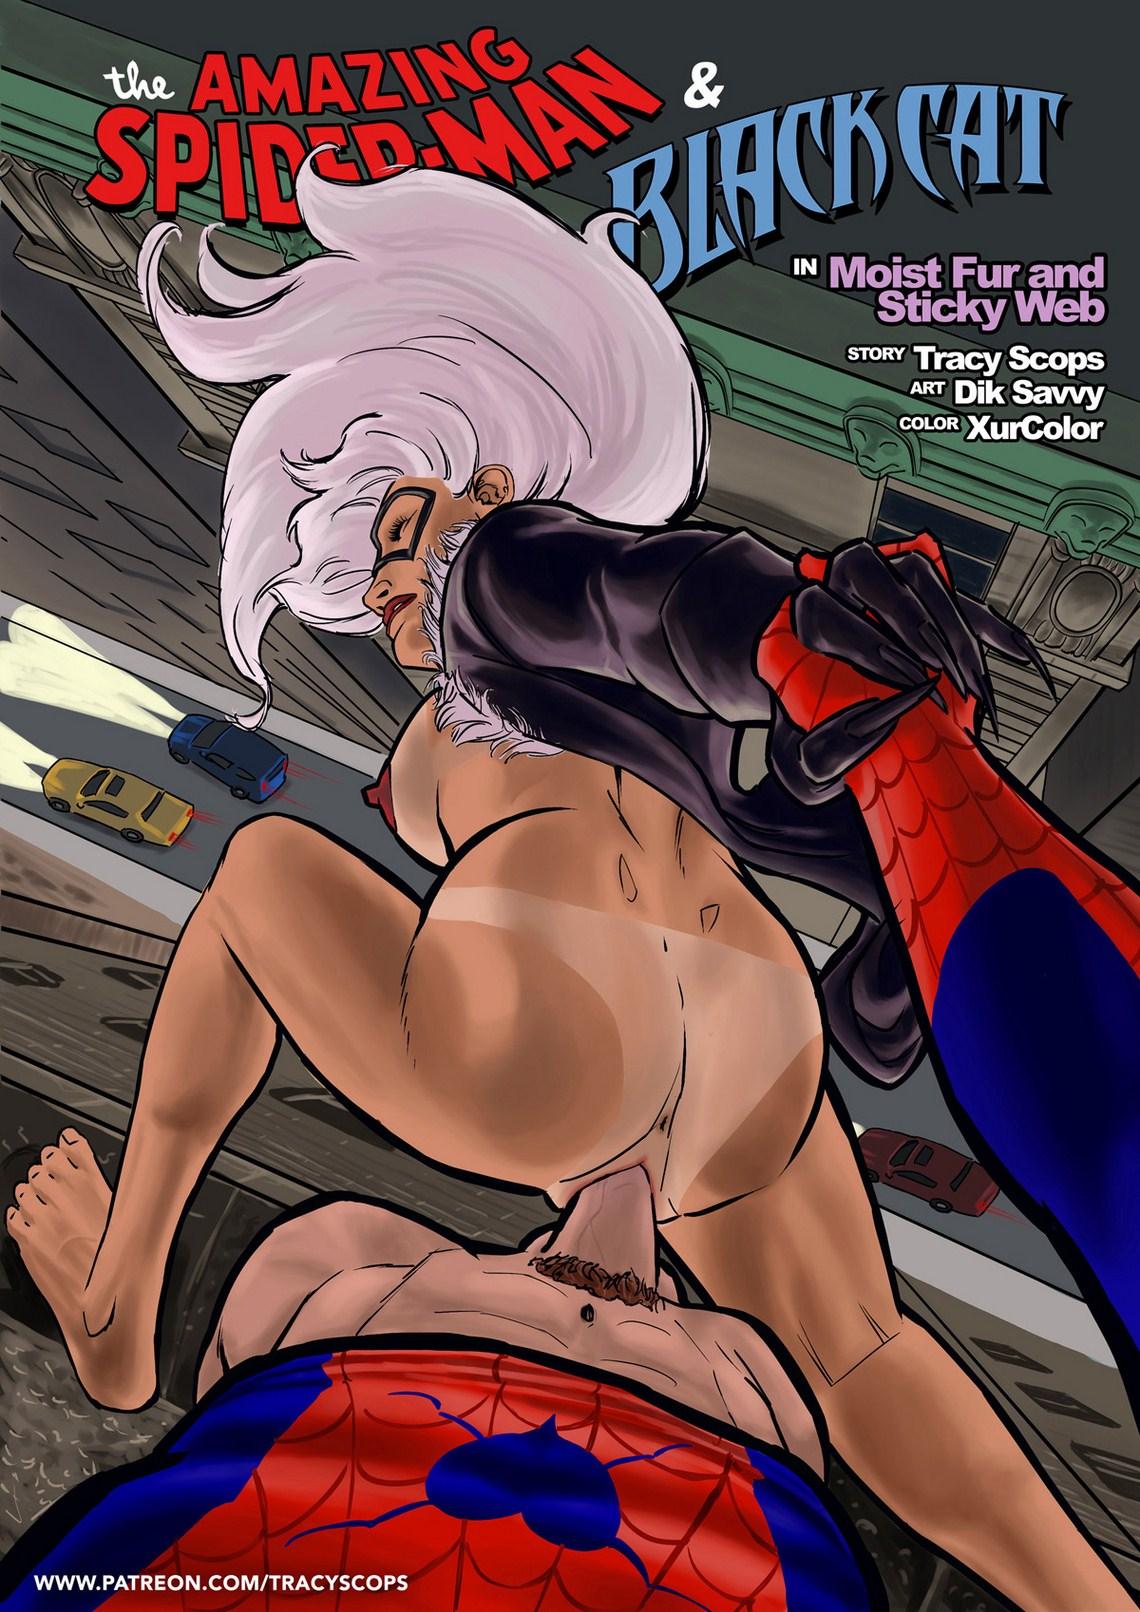 Porn Comics - Amazing Spider-Man and Black Cat porn comics 8 muses